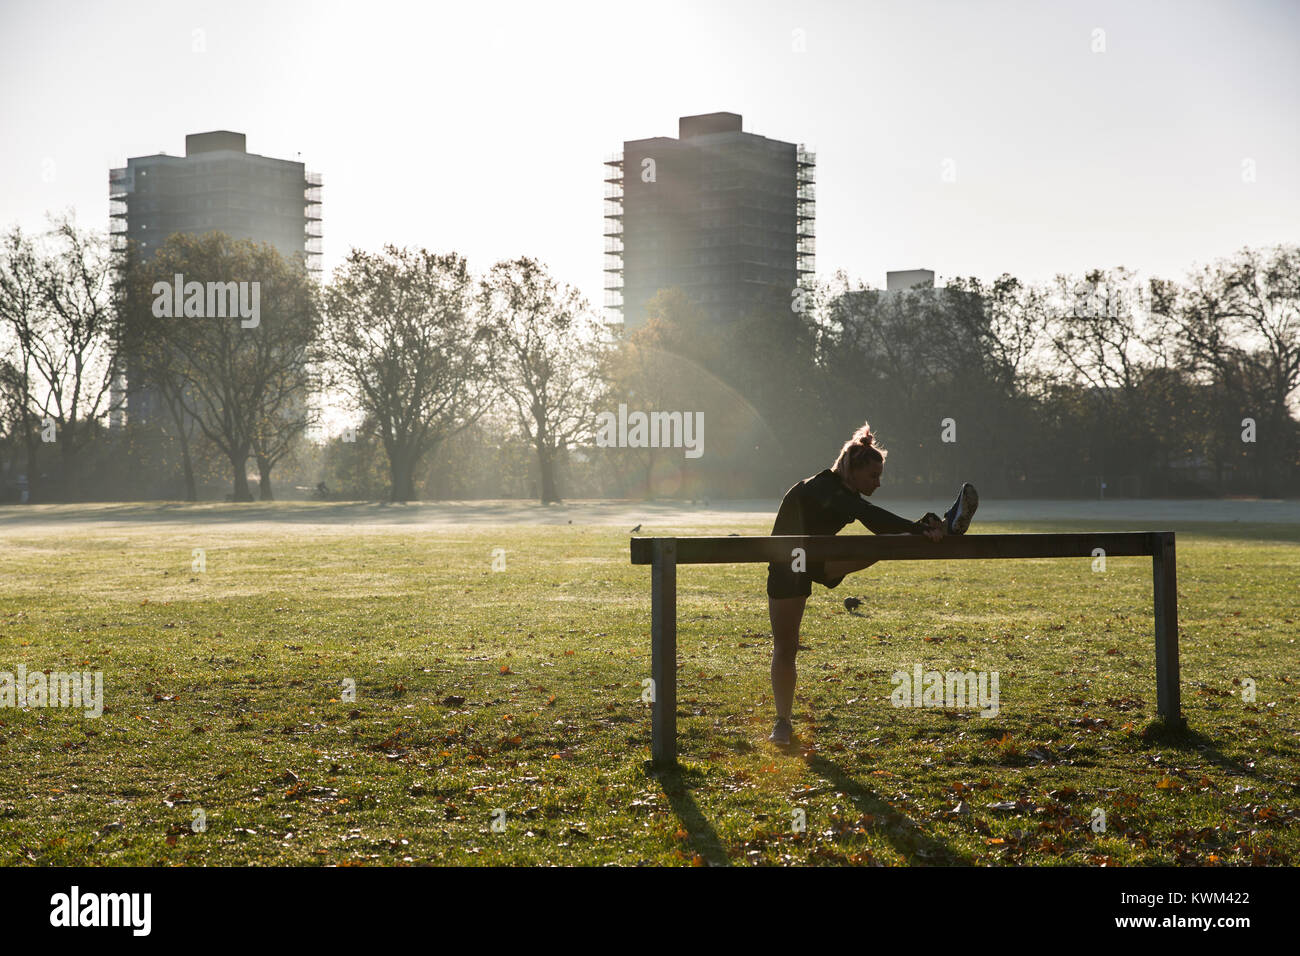 La longitud completa de la mujer estirando la pierna sobre equipamiento de ejercicio contra edificios en el parque Imagen De Stock